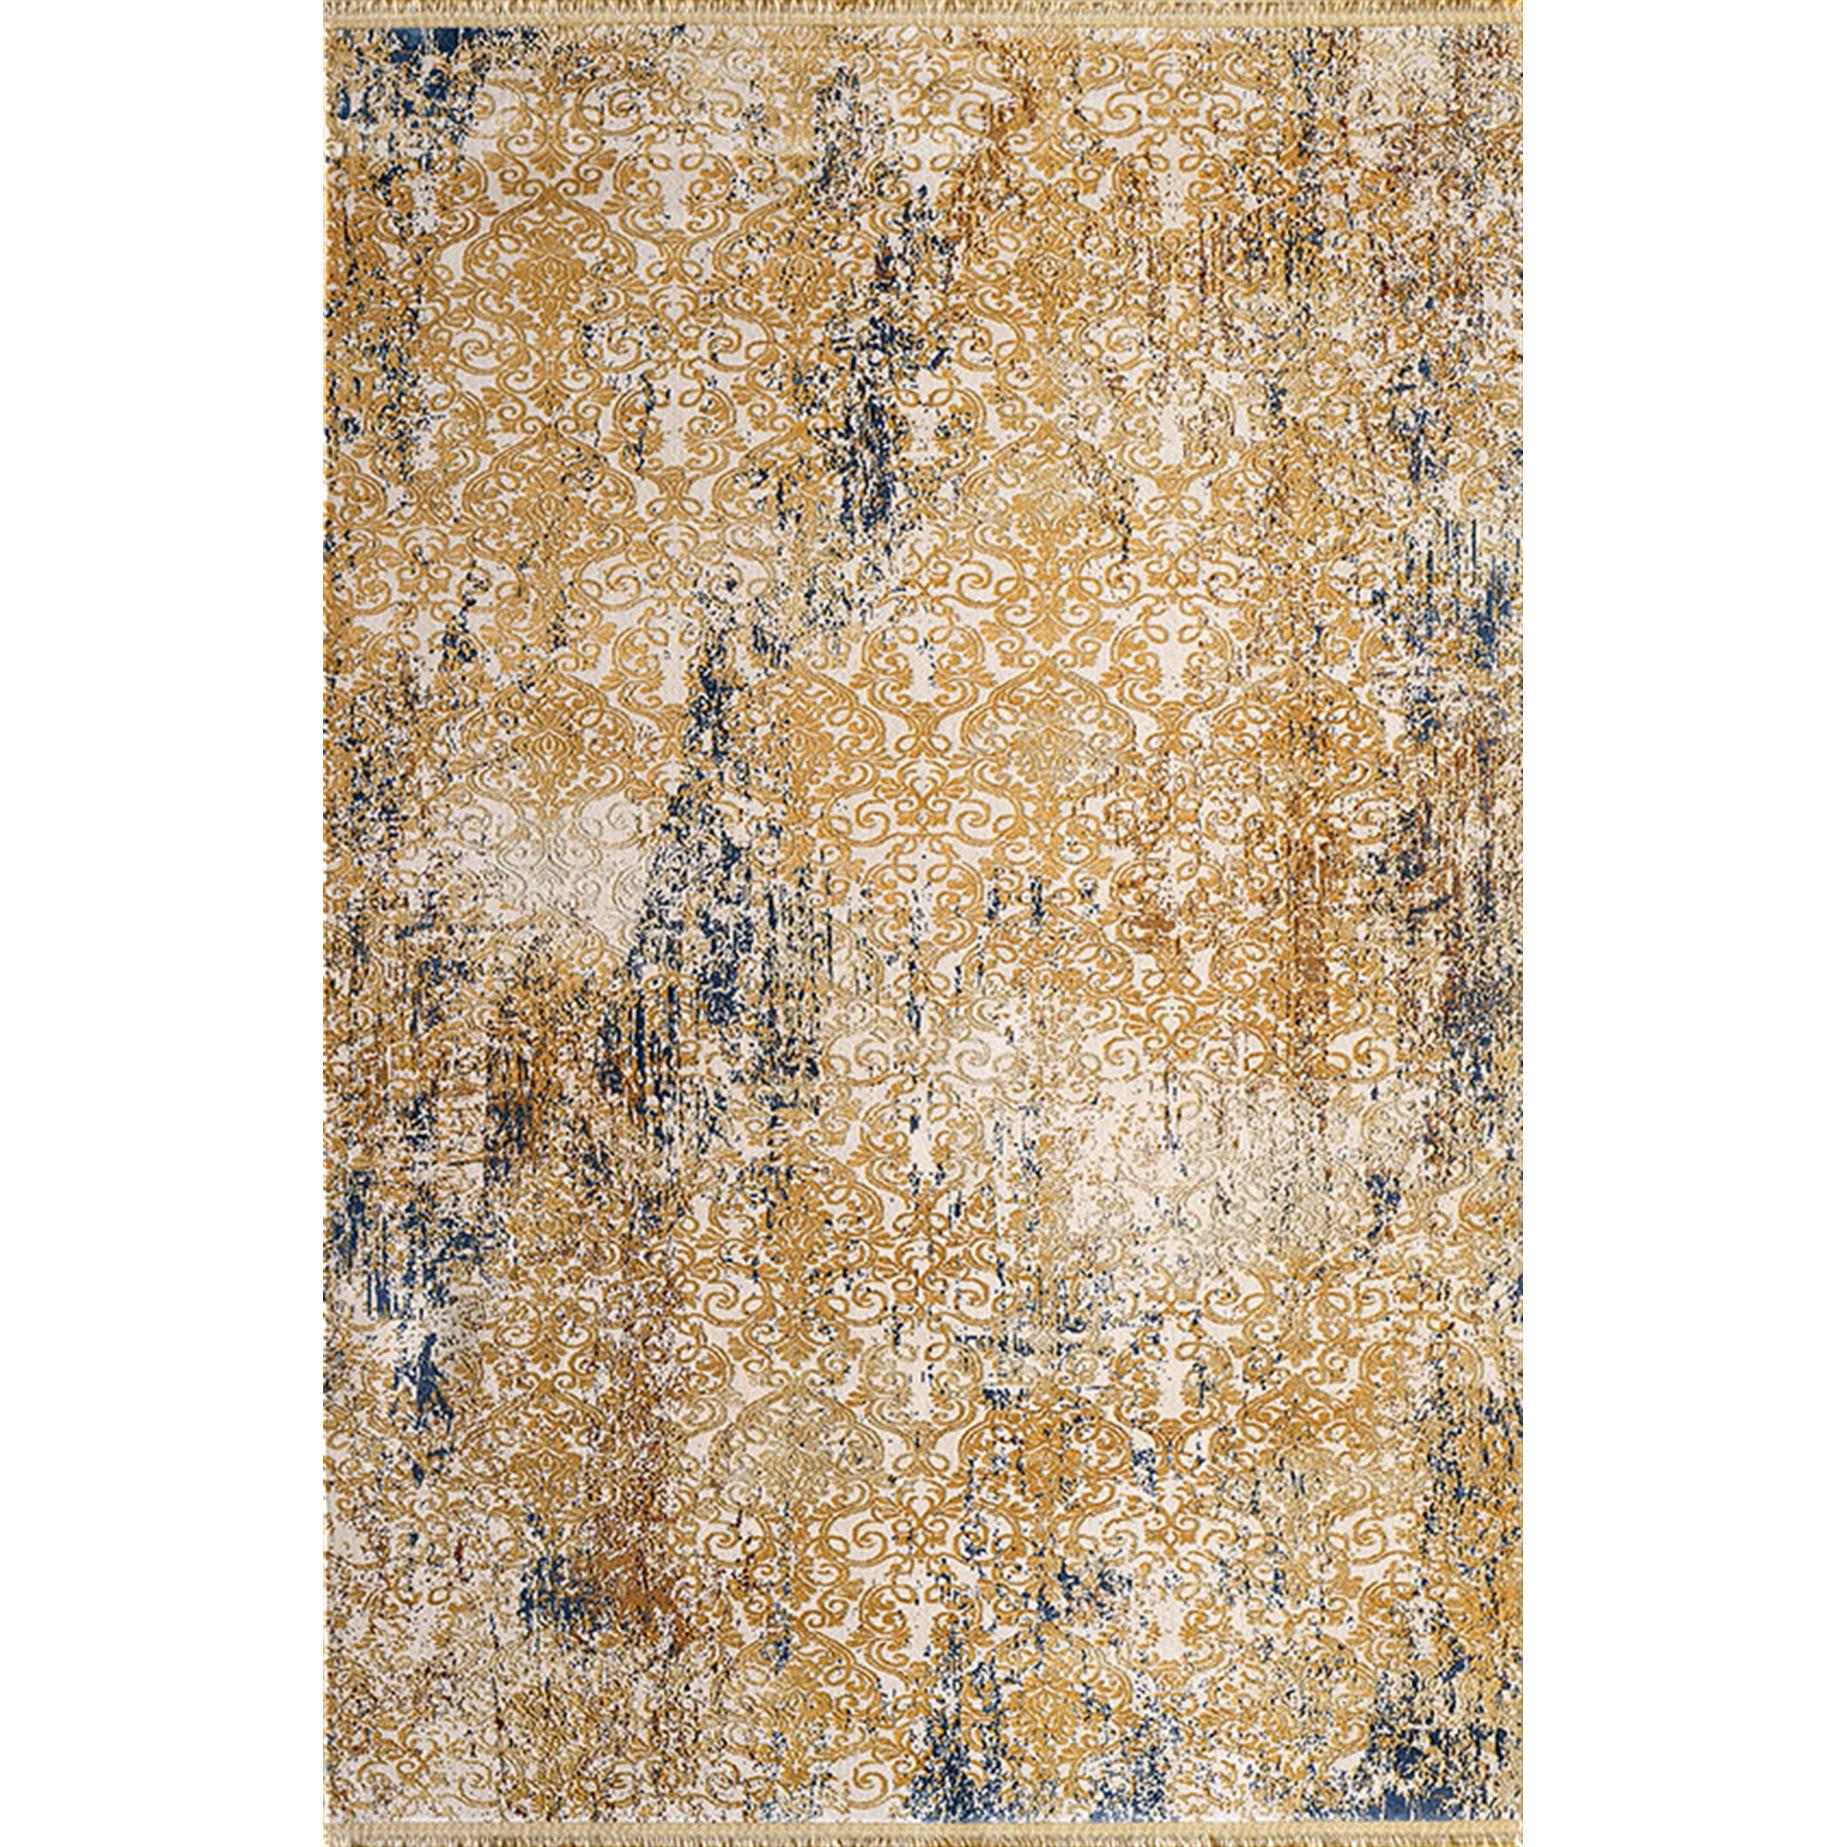 Fotografie Covor Palette Pierre Cardin, antistatic, acrilic, 200x290cm, portocaliu/alb/albastru, PA14D